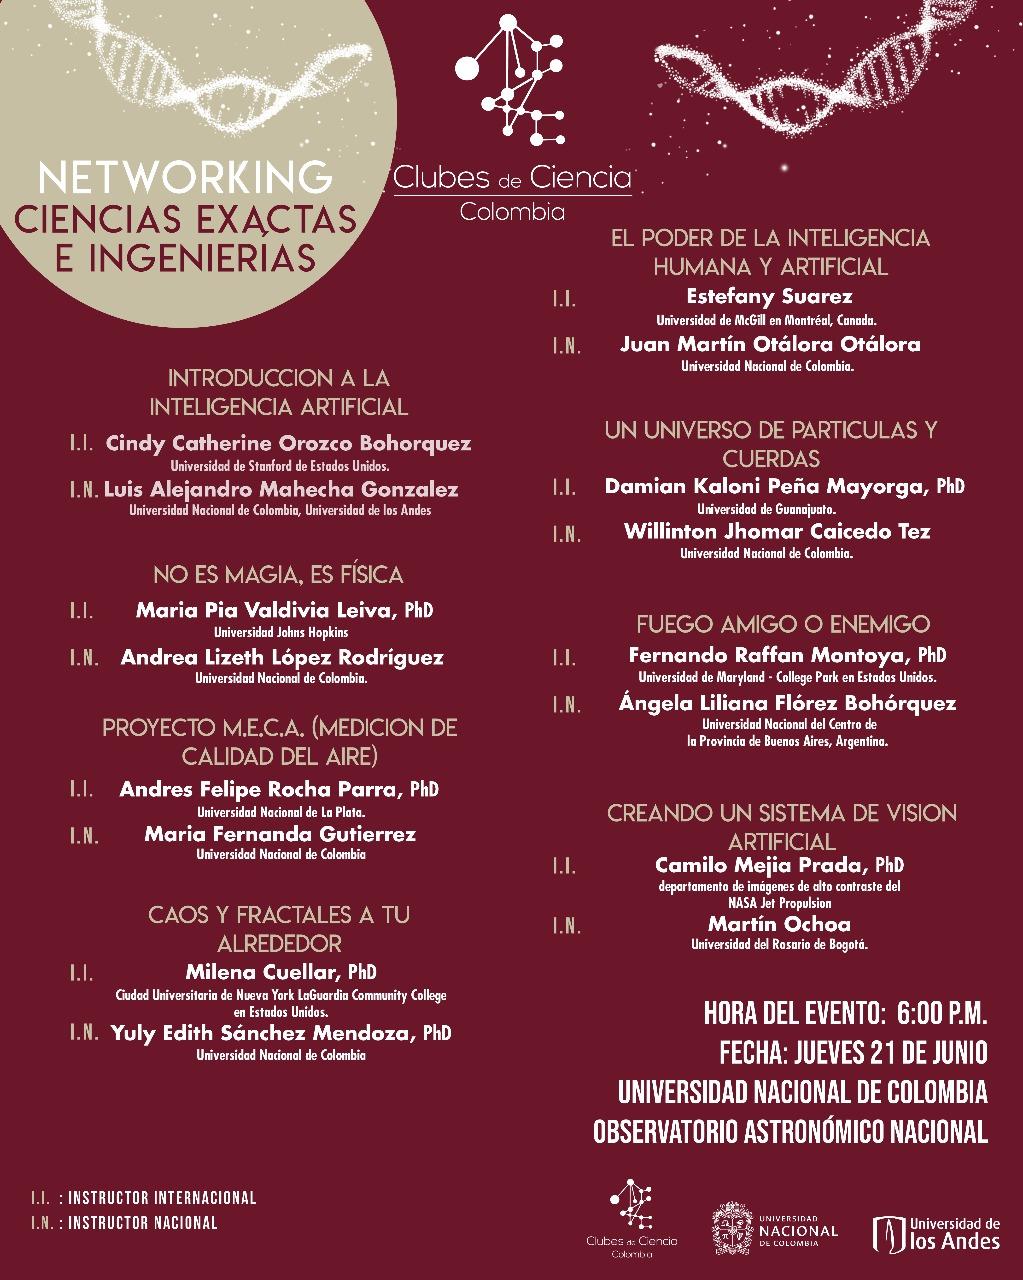 'Networking' Ciencias Exactas e Ingenierías (Clubes de Ciencia Colombia 2018)